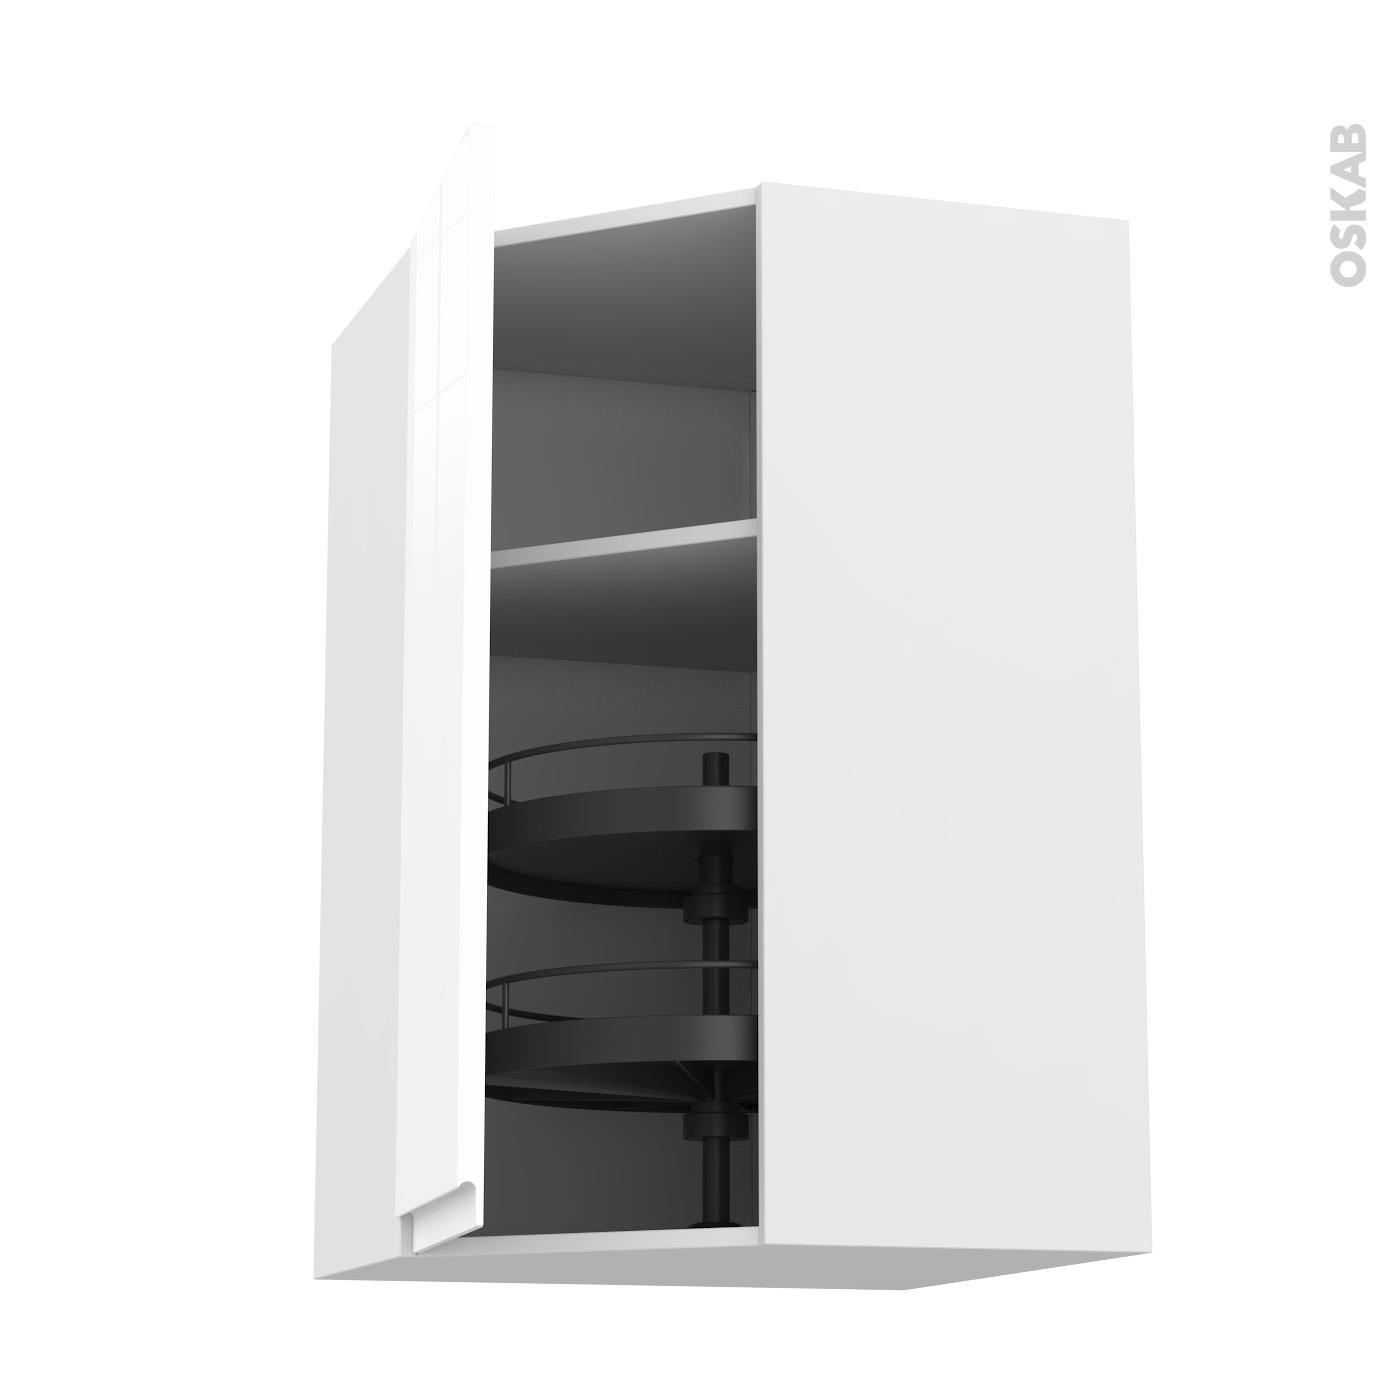 meuble de cuisine angle haut ipoma blanc brillant tourniquet 1 porte n 85 l38 8 cm l65 x h70 x p37 cm